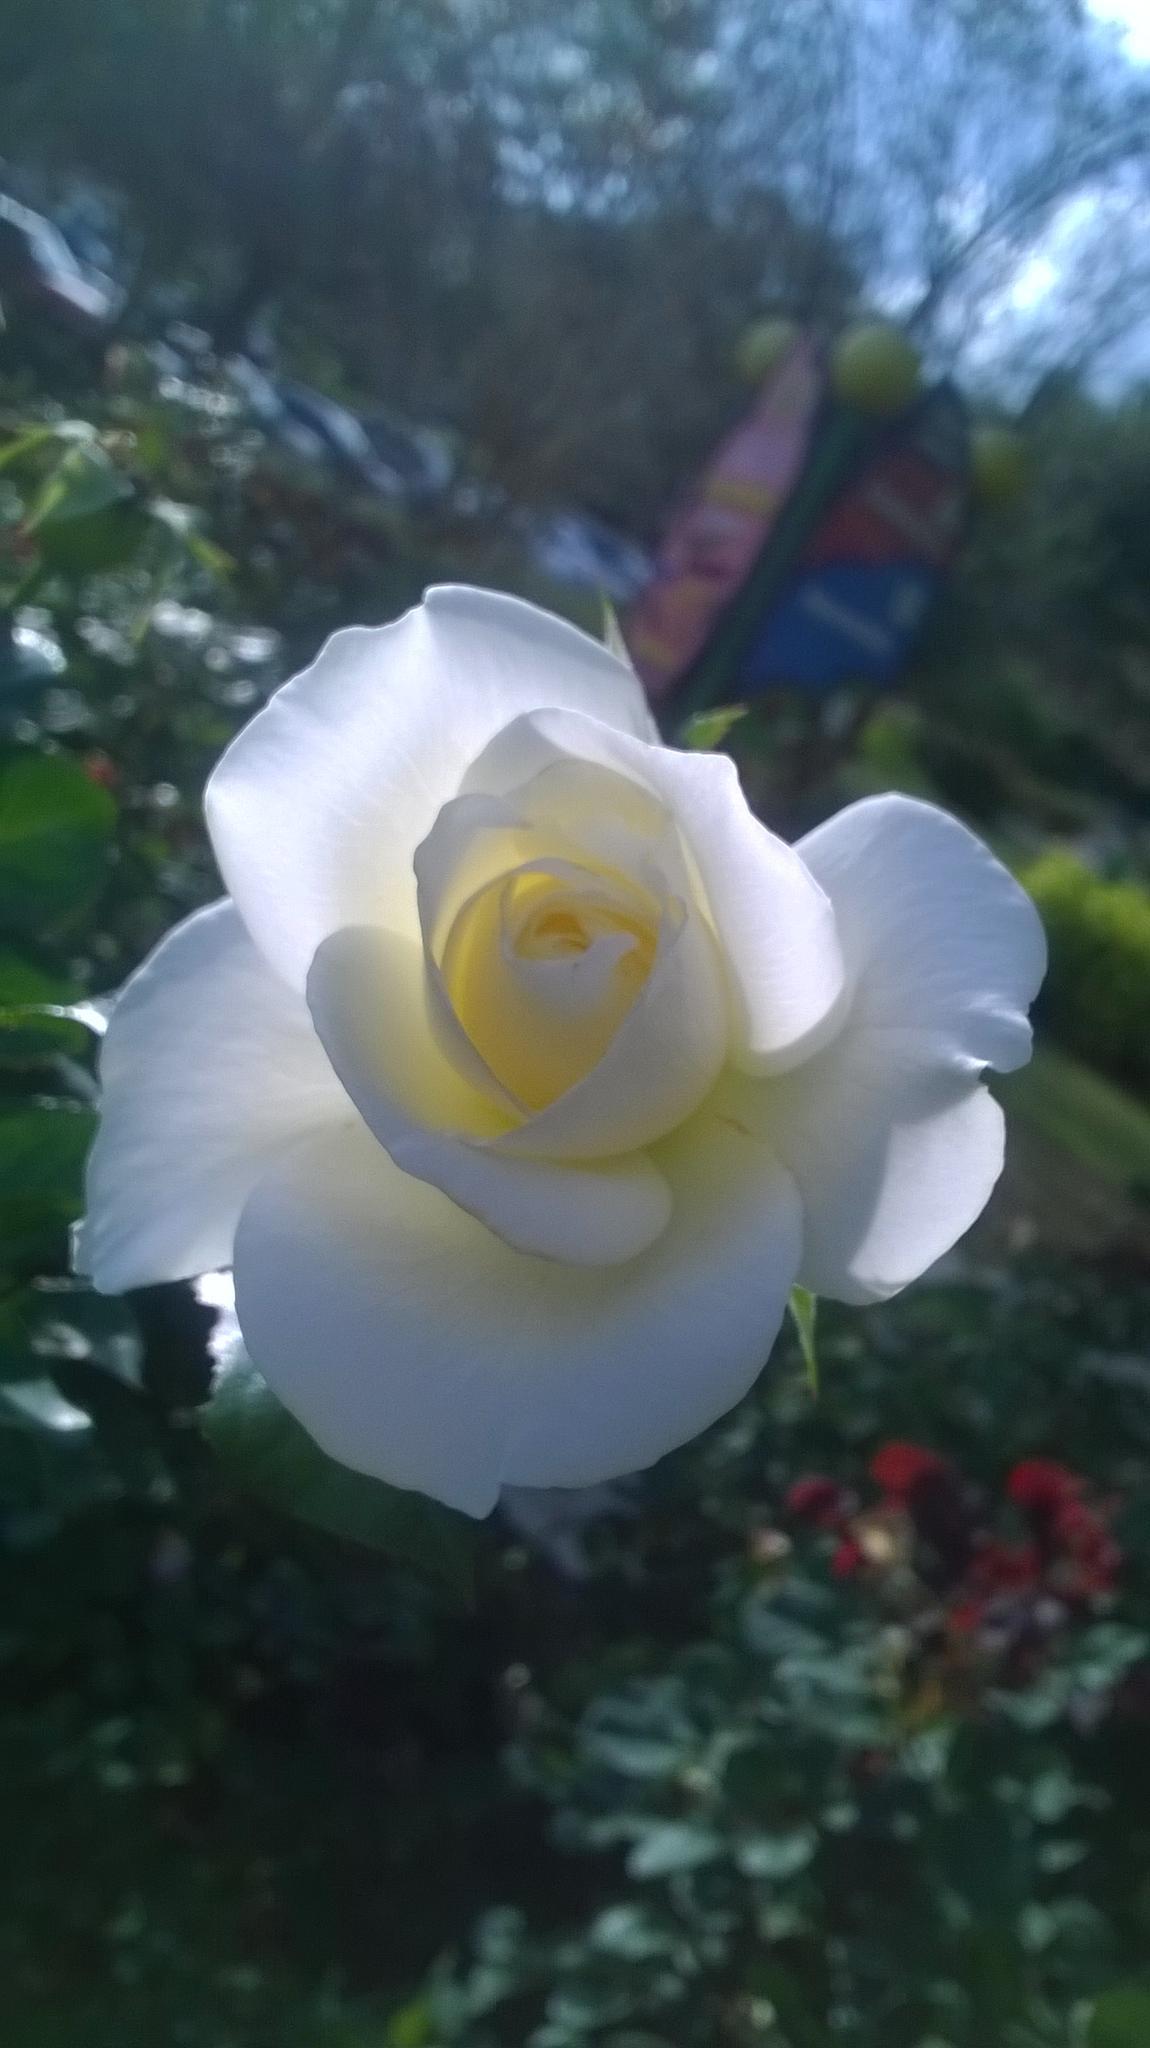 White Rose by phillip.medders